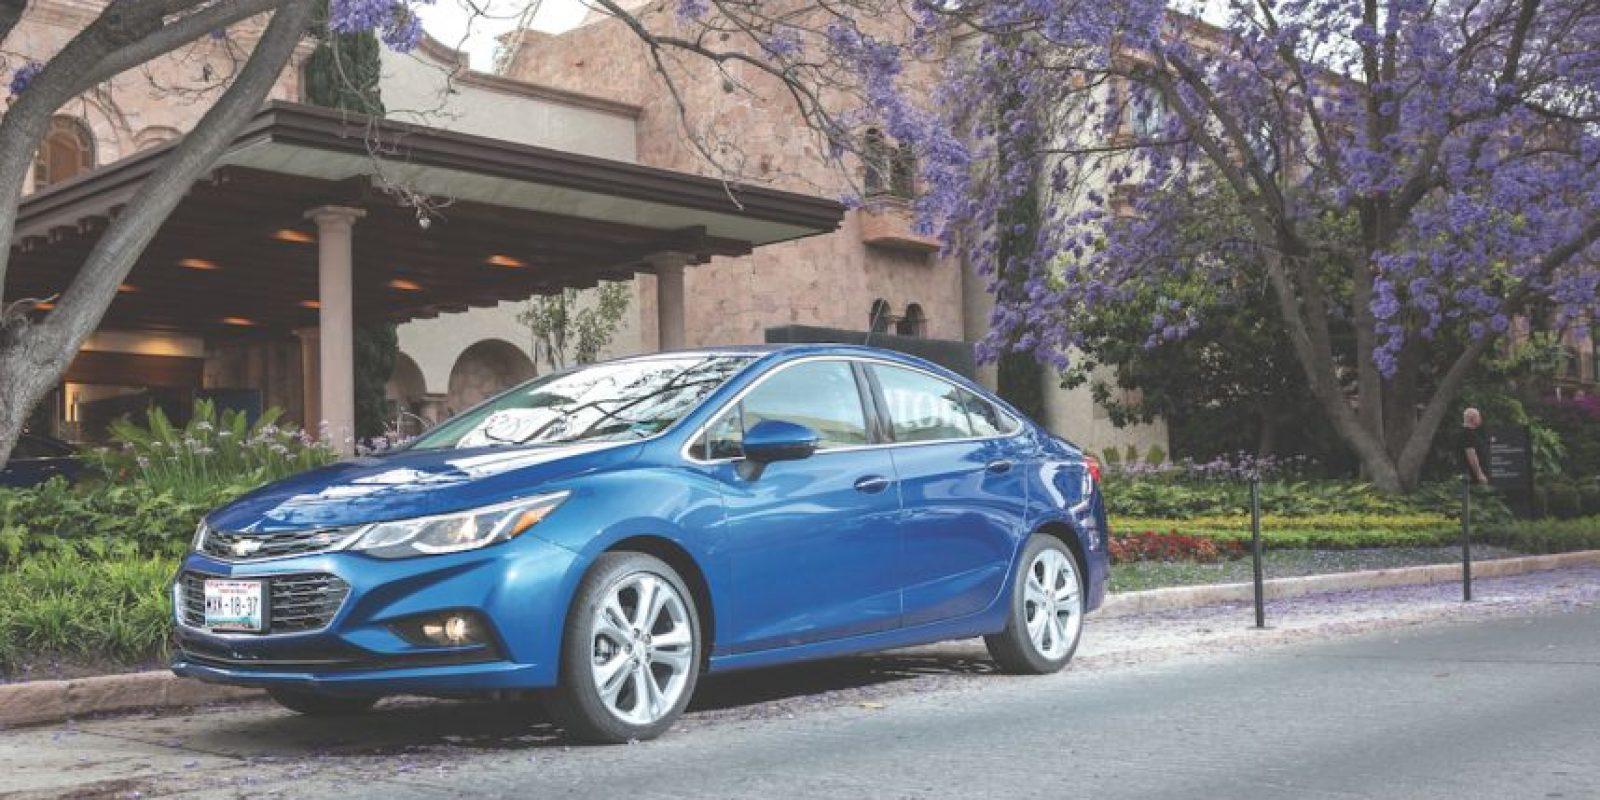 El nuevo Chevrolet Cruze cuenta con un frente mucho más afilado, lo que le permite una mejor aerodinámica y por ende, mejor consumo de combustible.